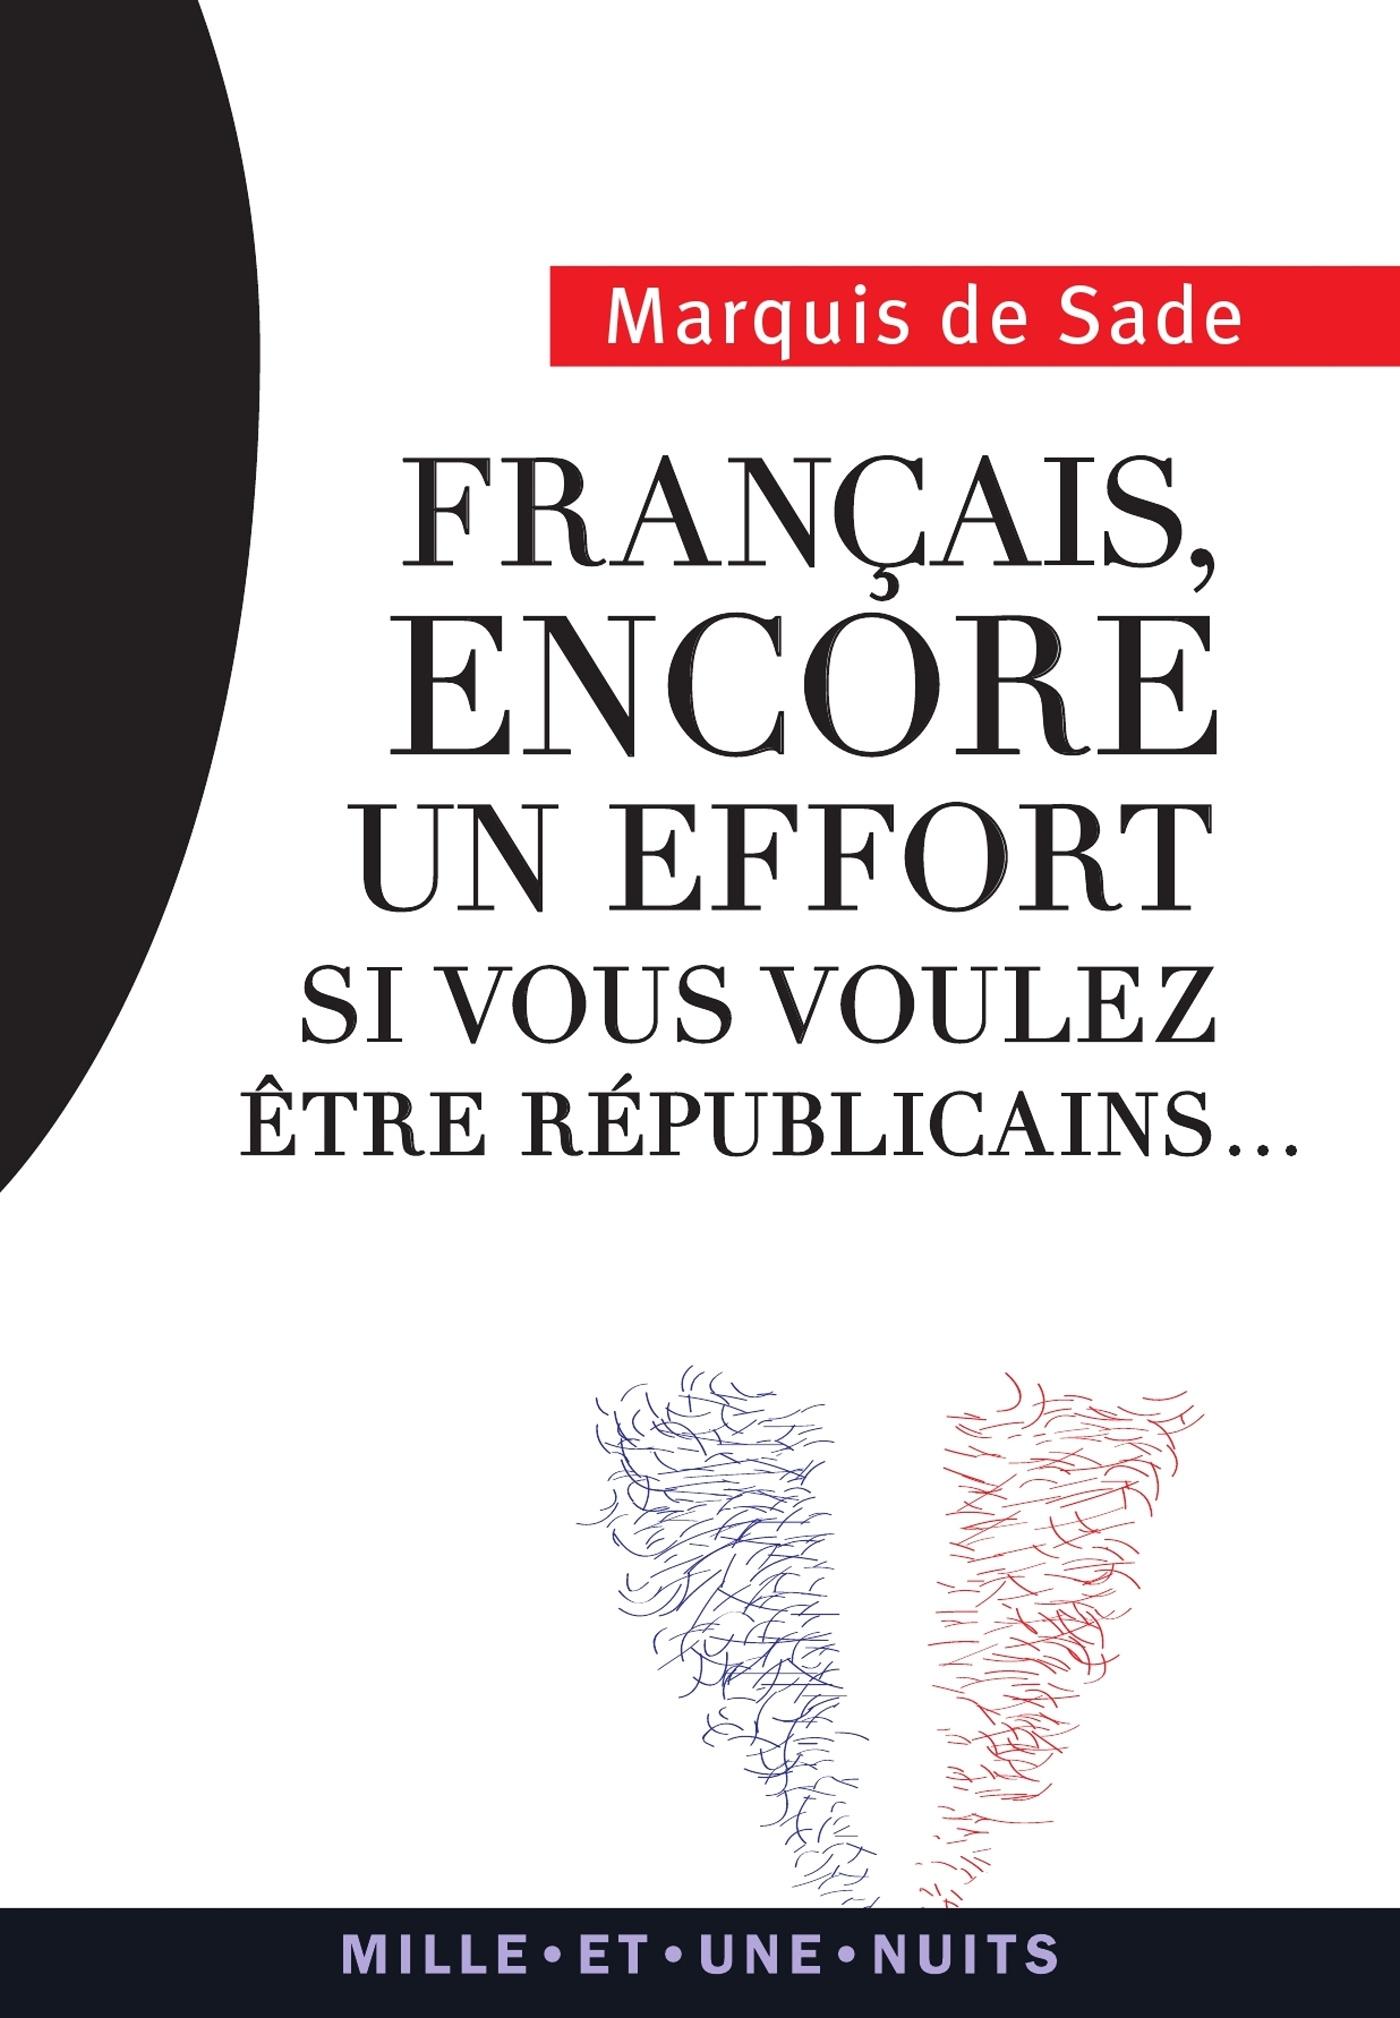 FRANCAIS, ENCORE UN EFFORT... - SI VOUS VOULEZ ETRE REPUBLICAINS